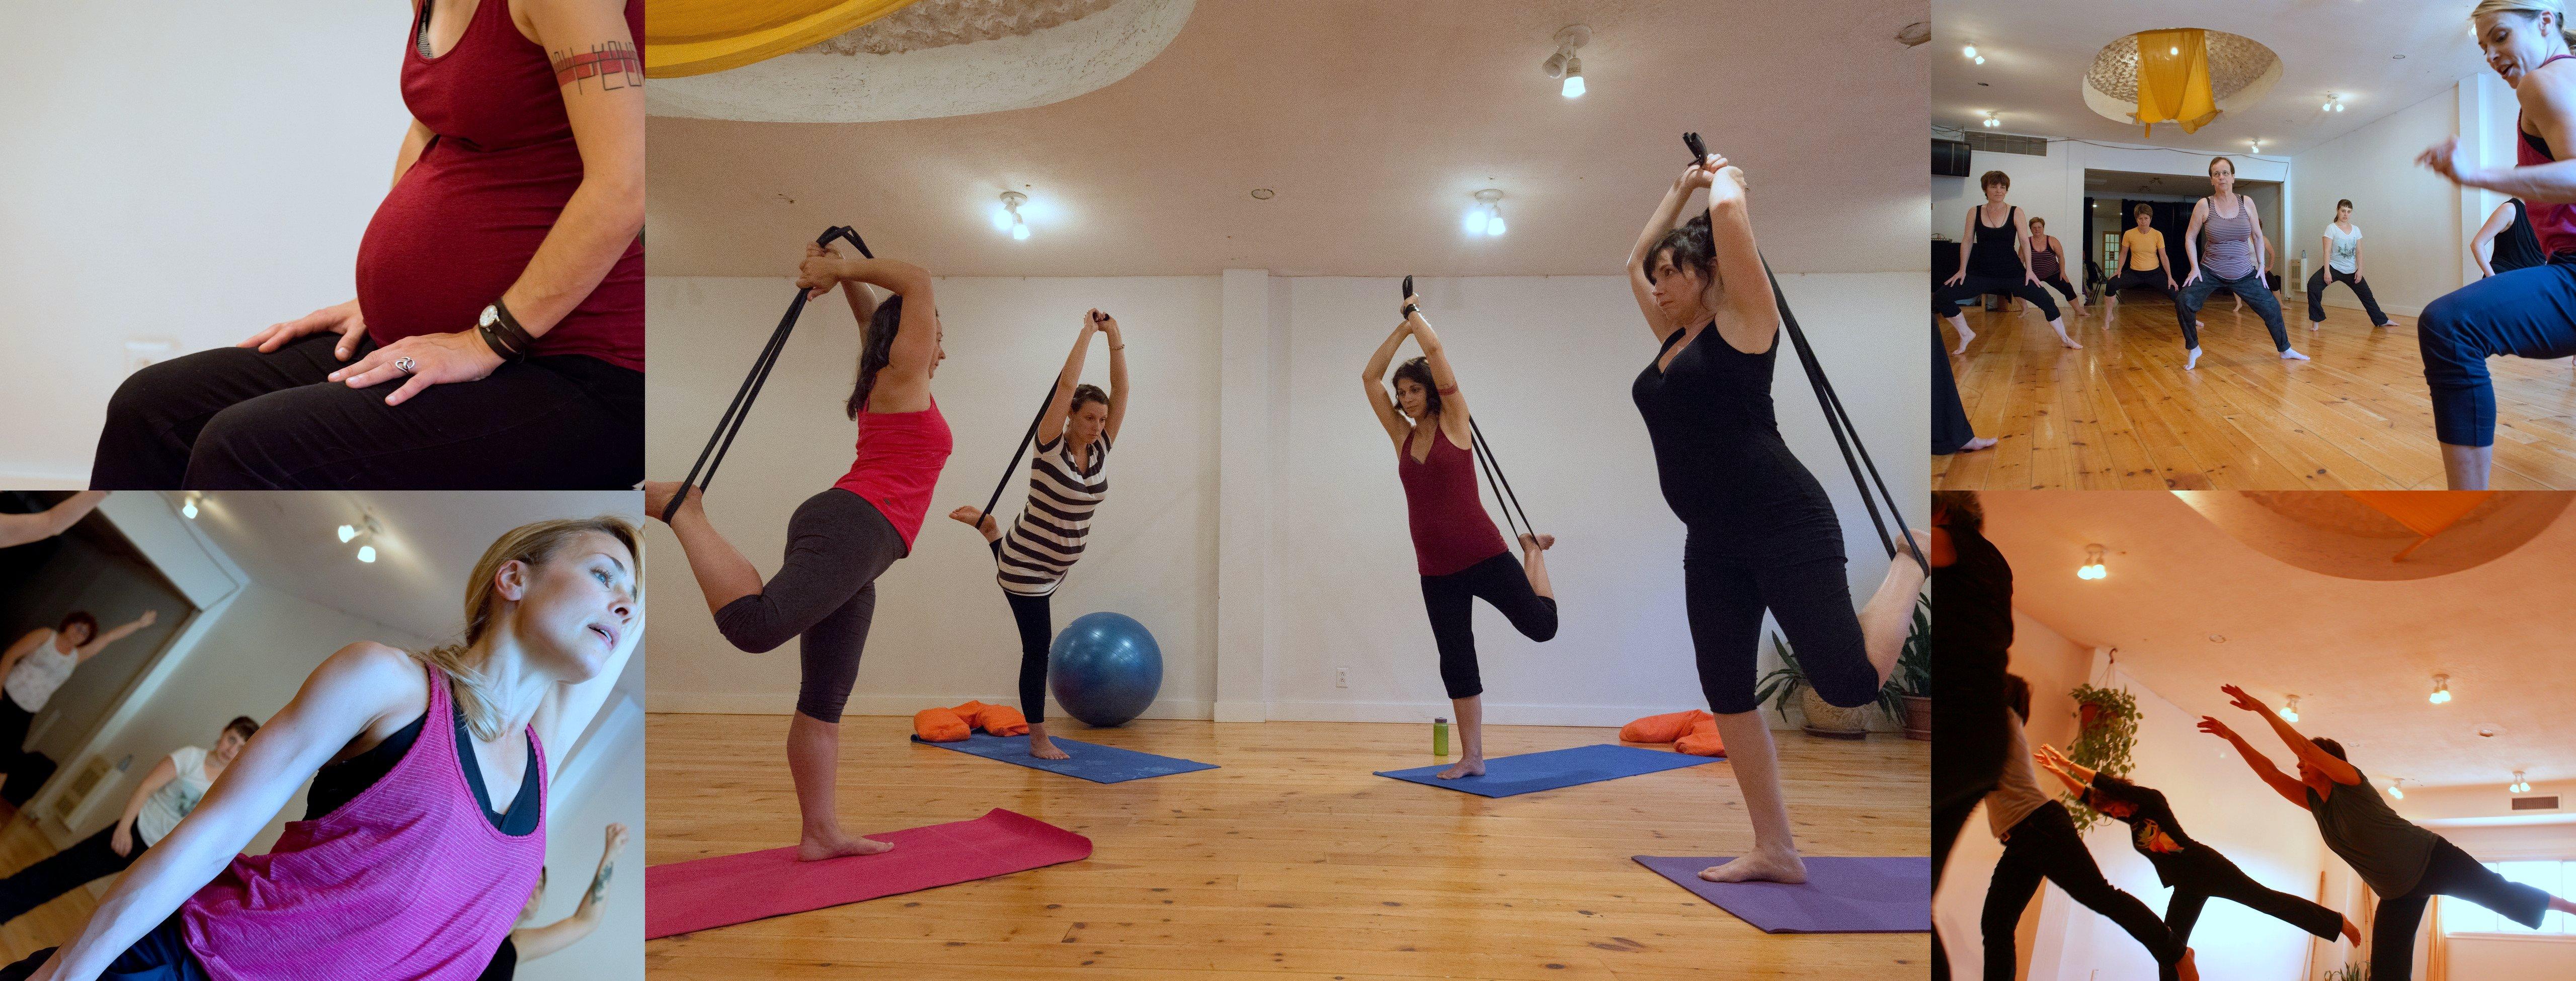 Danse contemporaine, Essentrics, Yoga, pré-post natal, venez bouger avec nous!